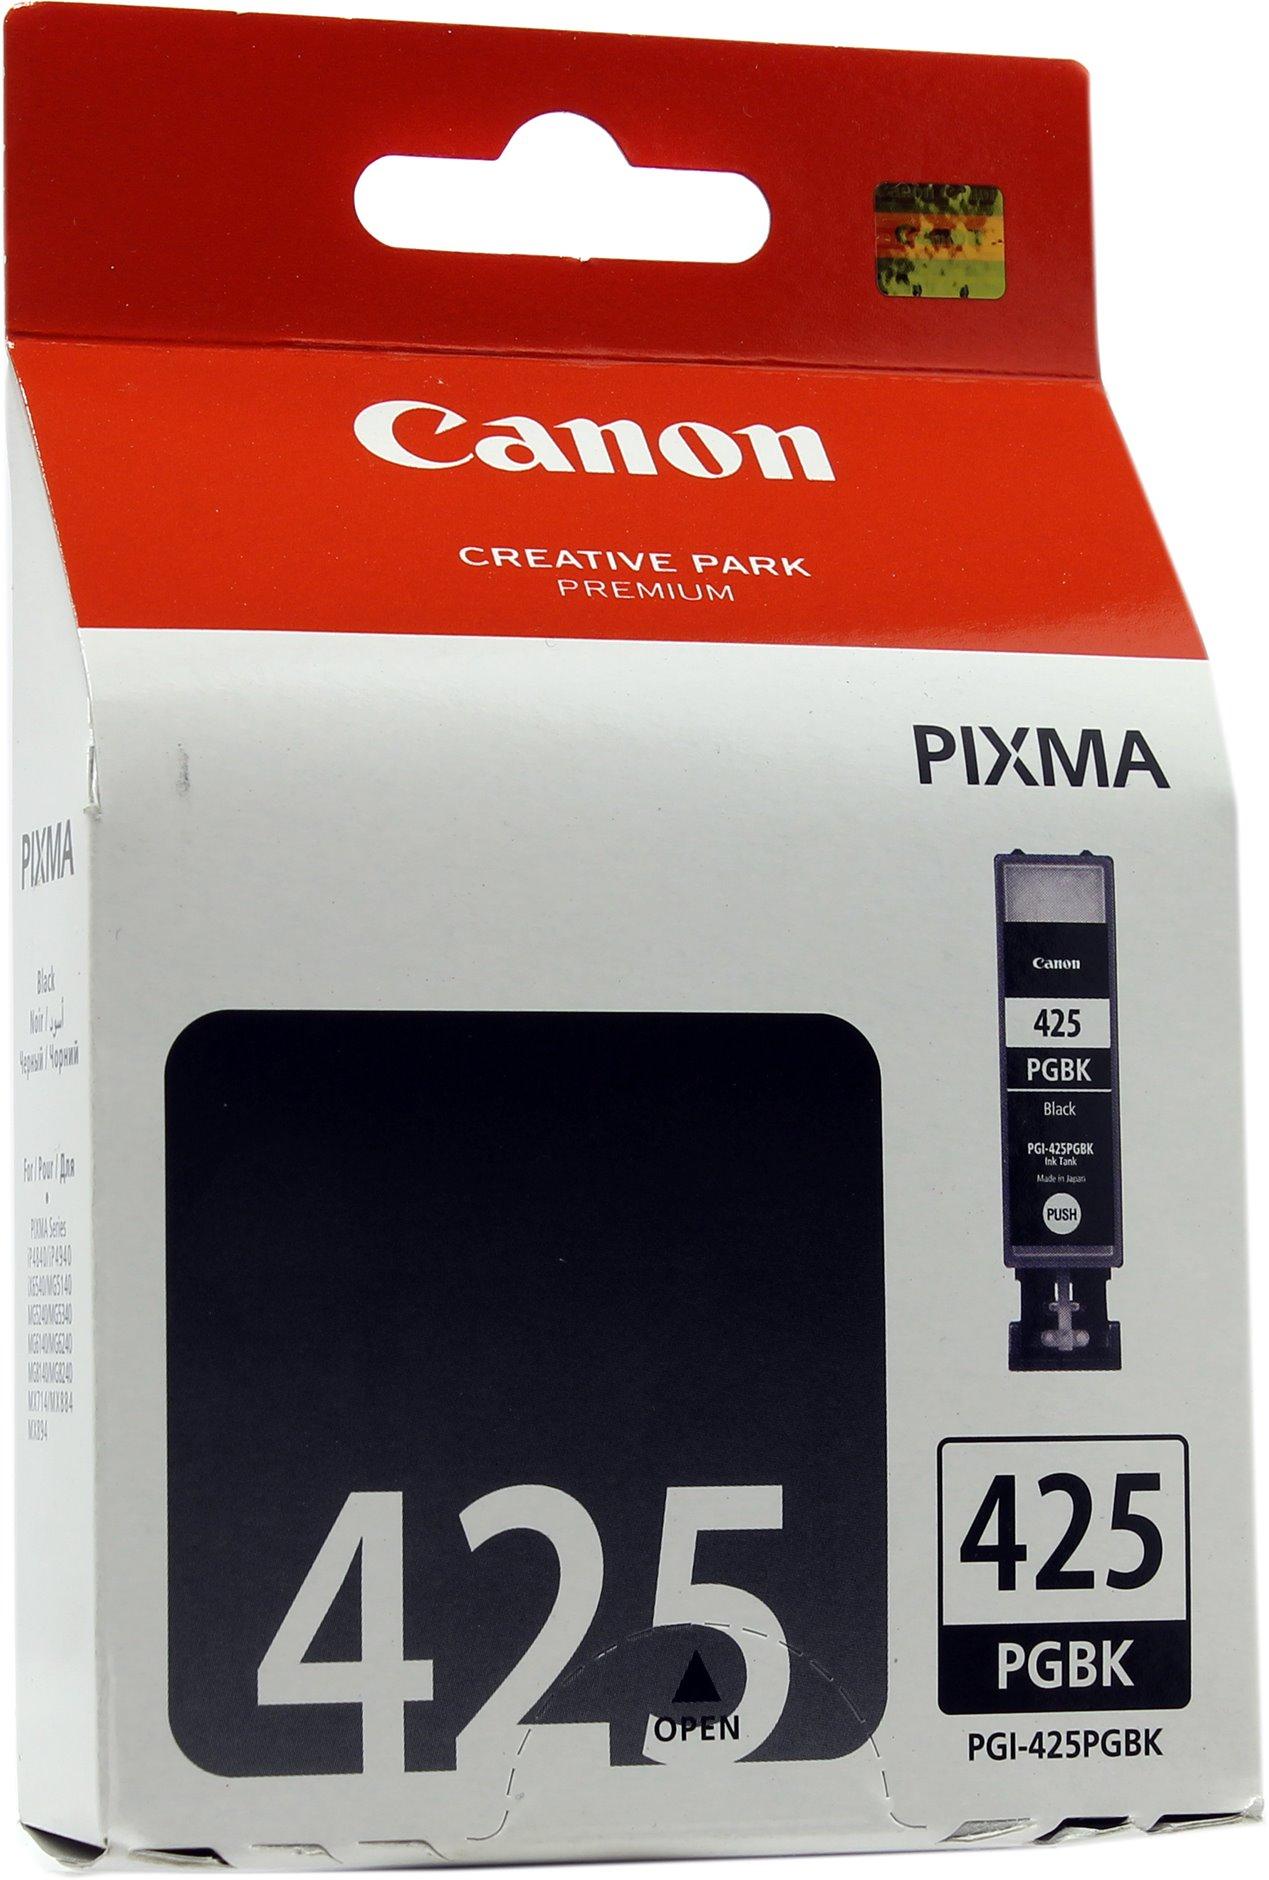 Canon PGI-425PGBK (4532B001) - картридж для PIXMA MG5140/5240/6140/8140 (Black) картридж canon pgi 425pgbk черный [4532b001]